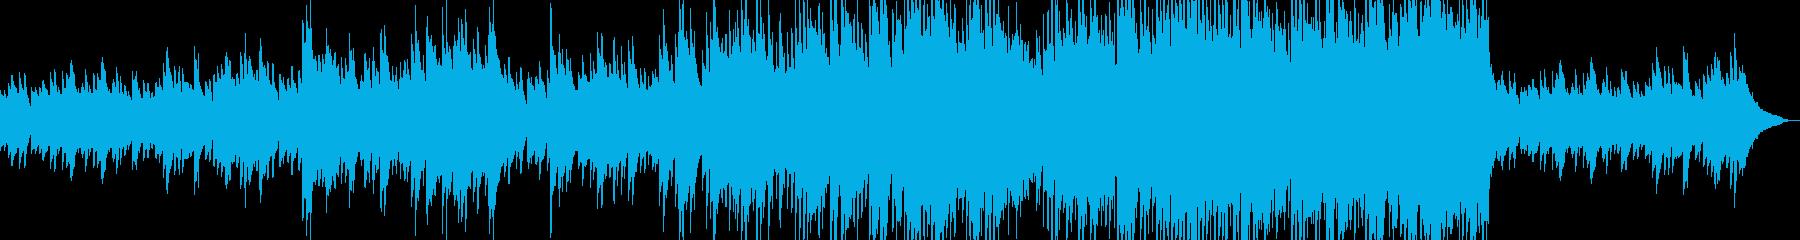 現代的 交響曲 ほのぼの 幸せ ゆ...の再生済みの波形